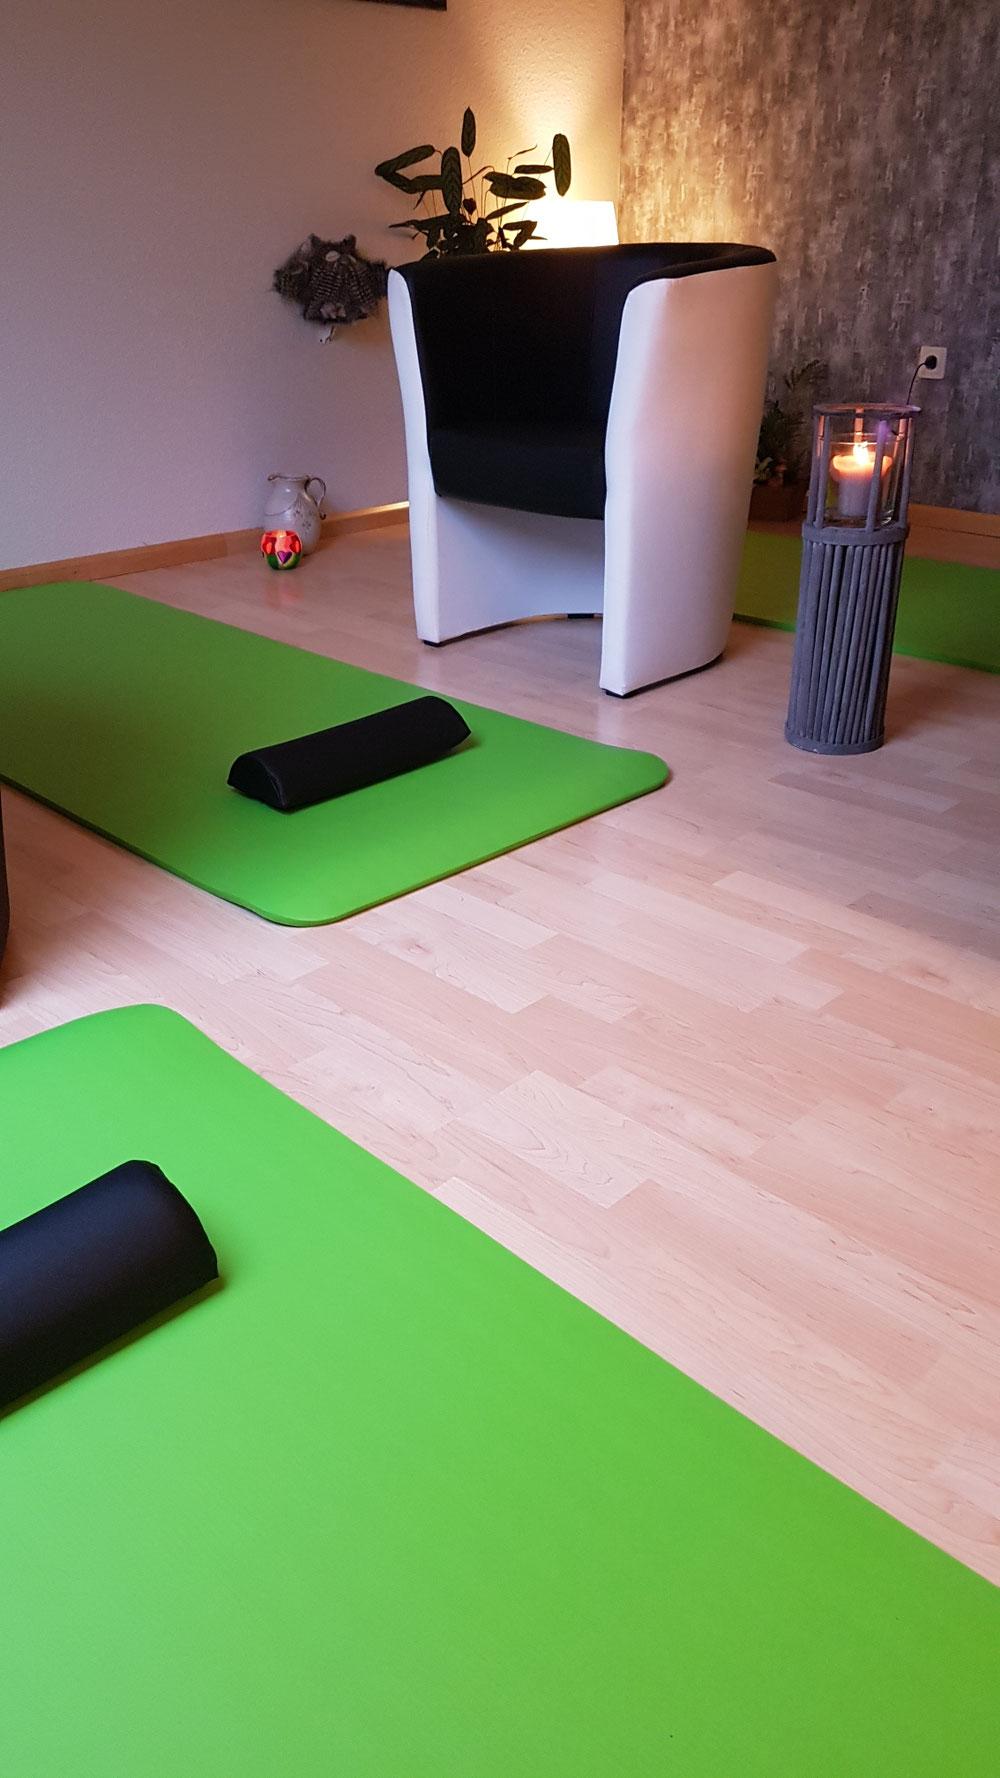 Entspannungstherapie in Kleingruppen, Familien oder im Einzelsetting